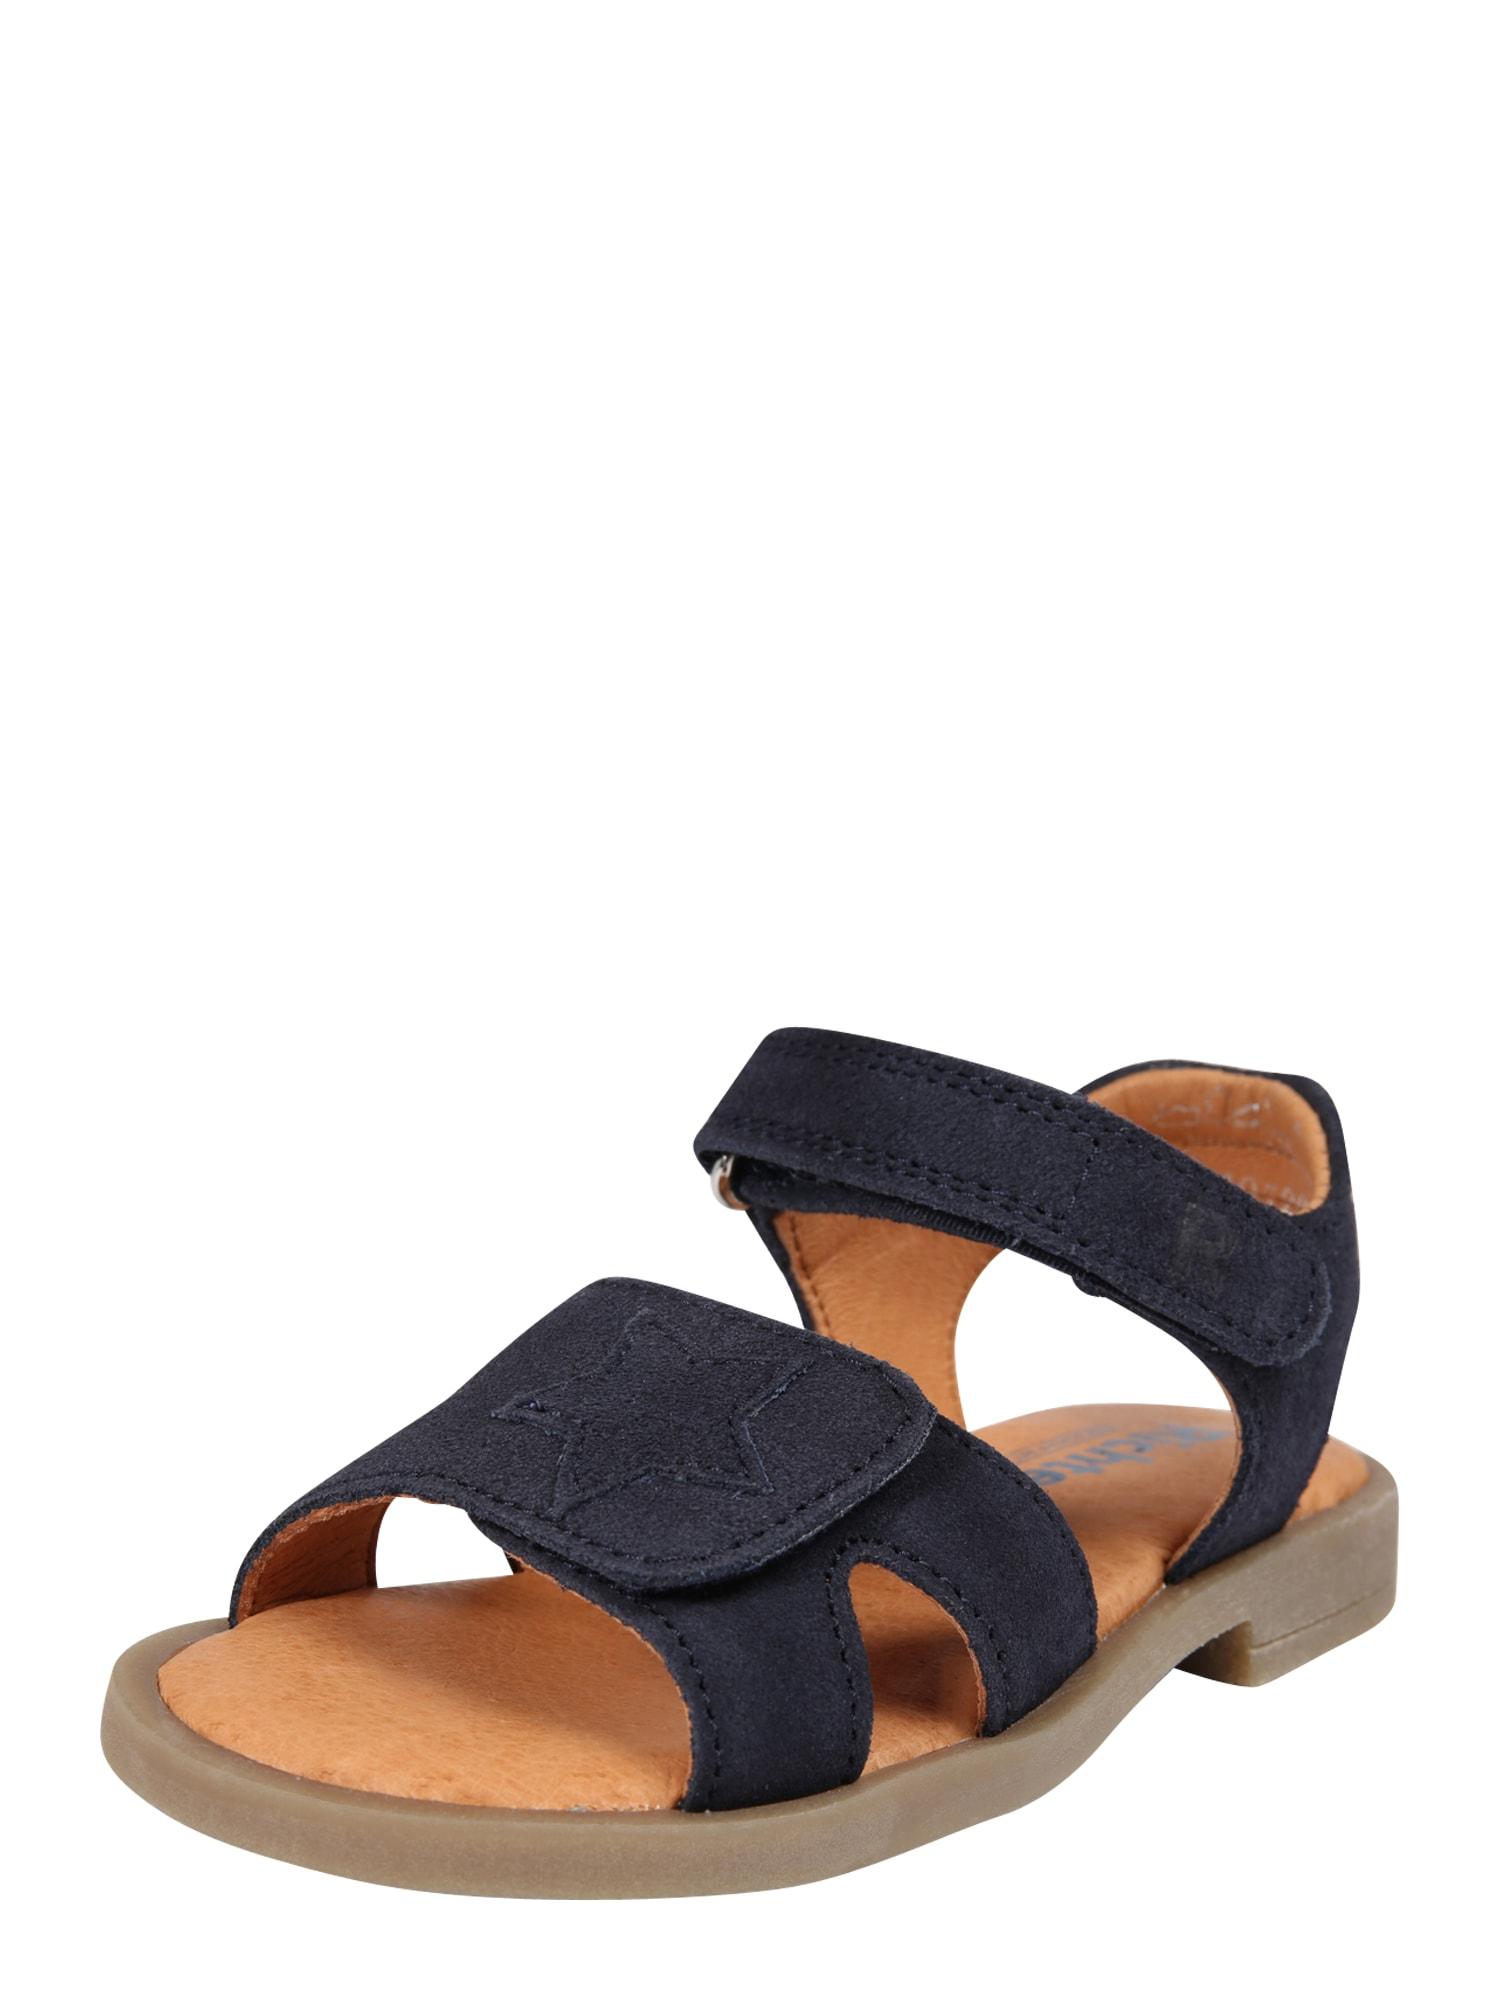 Sandály 5402 541 modrá RICHTER